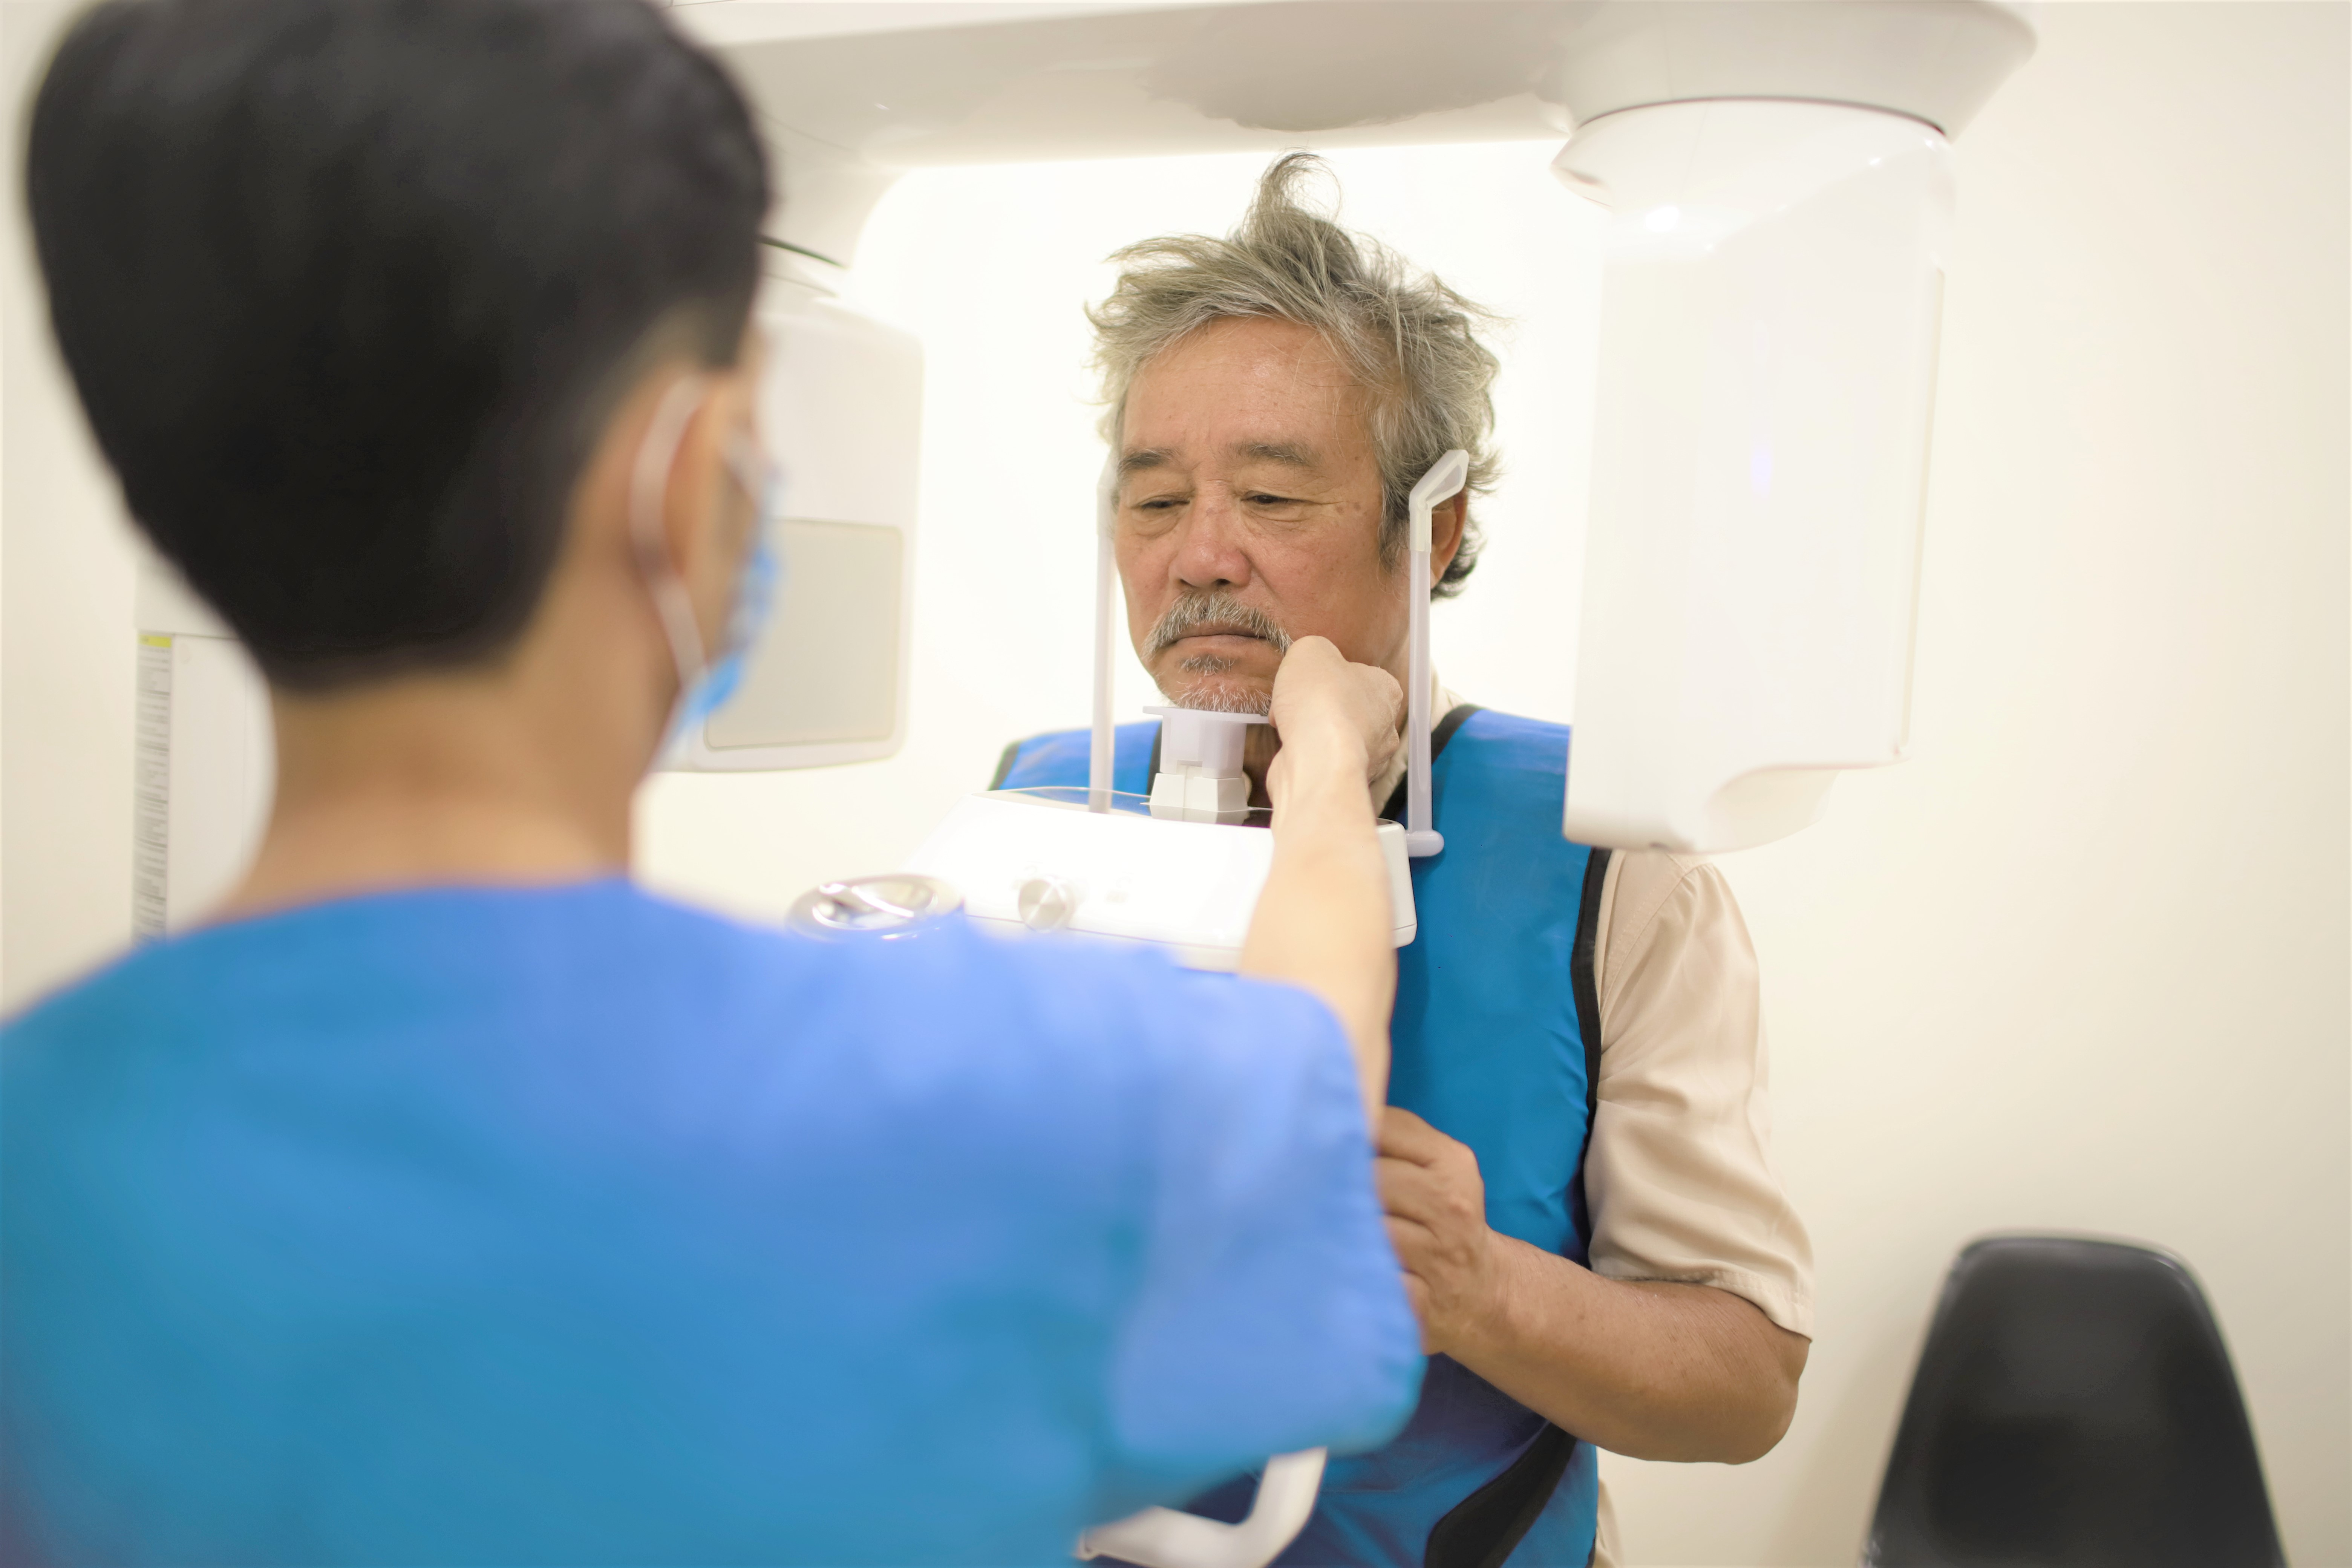 Lắp răng giả bằng hàm tháo lắp hiệu quả, bền đẹp lâu dài 3